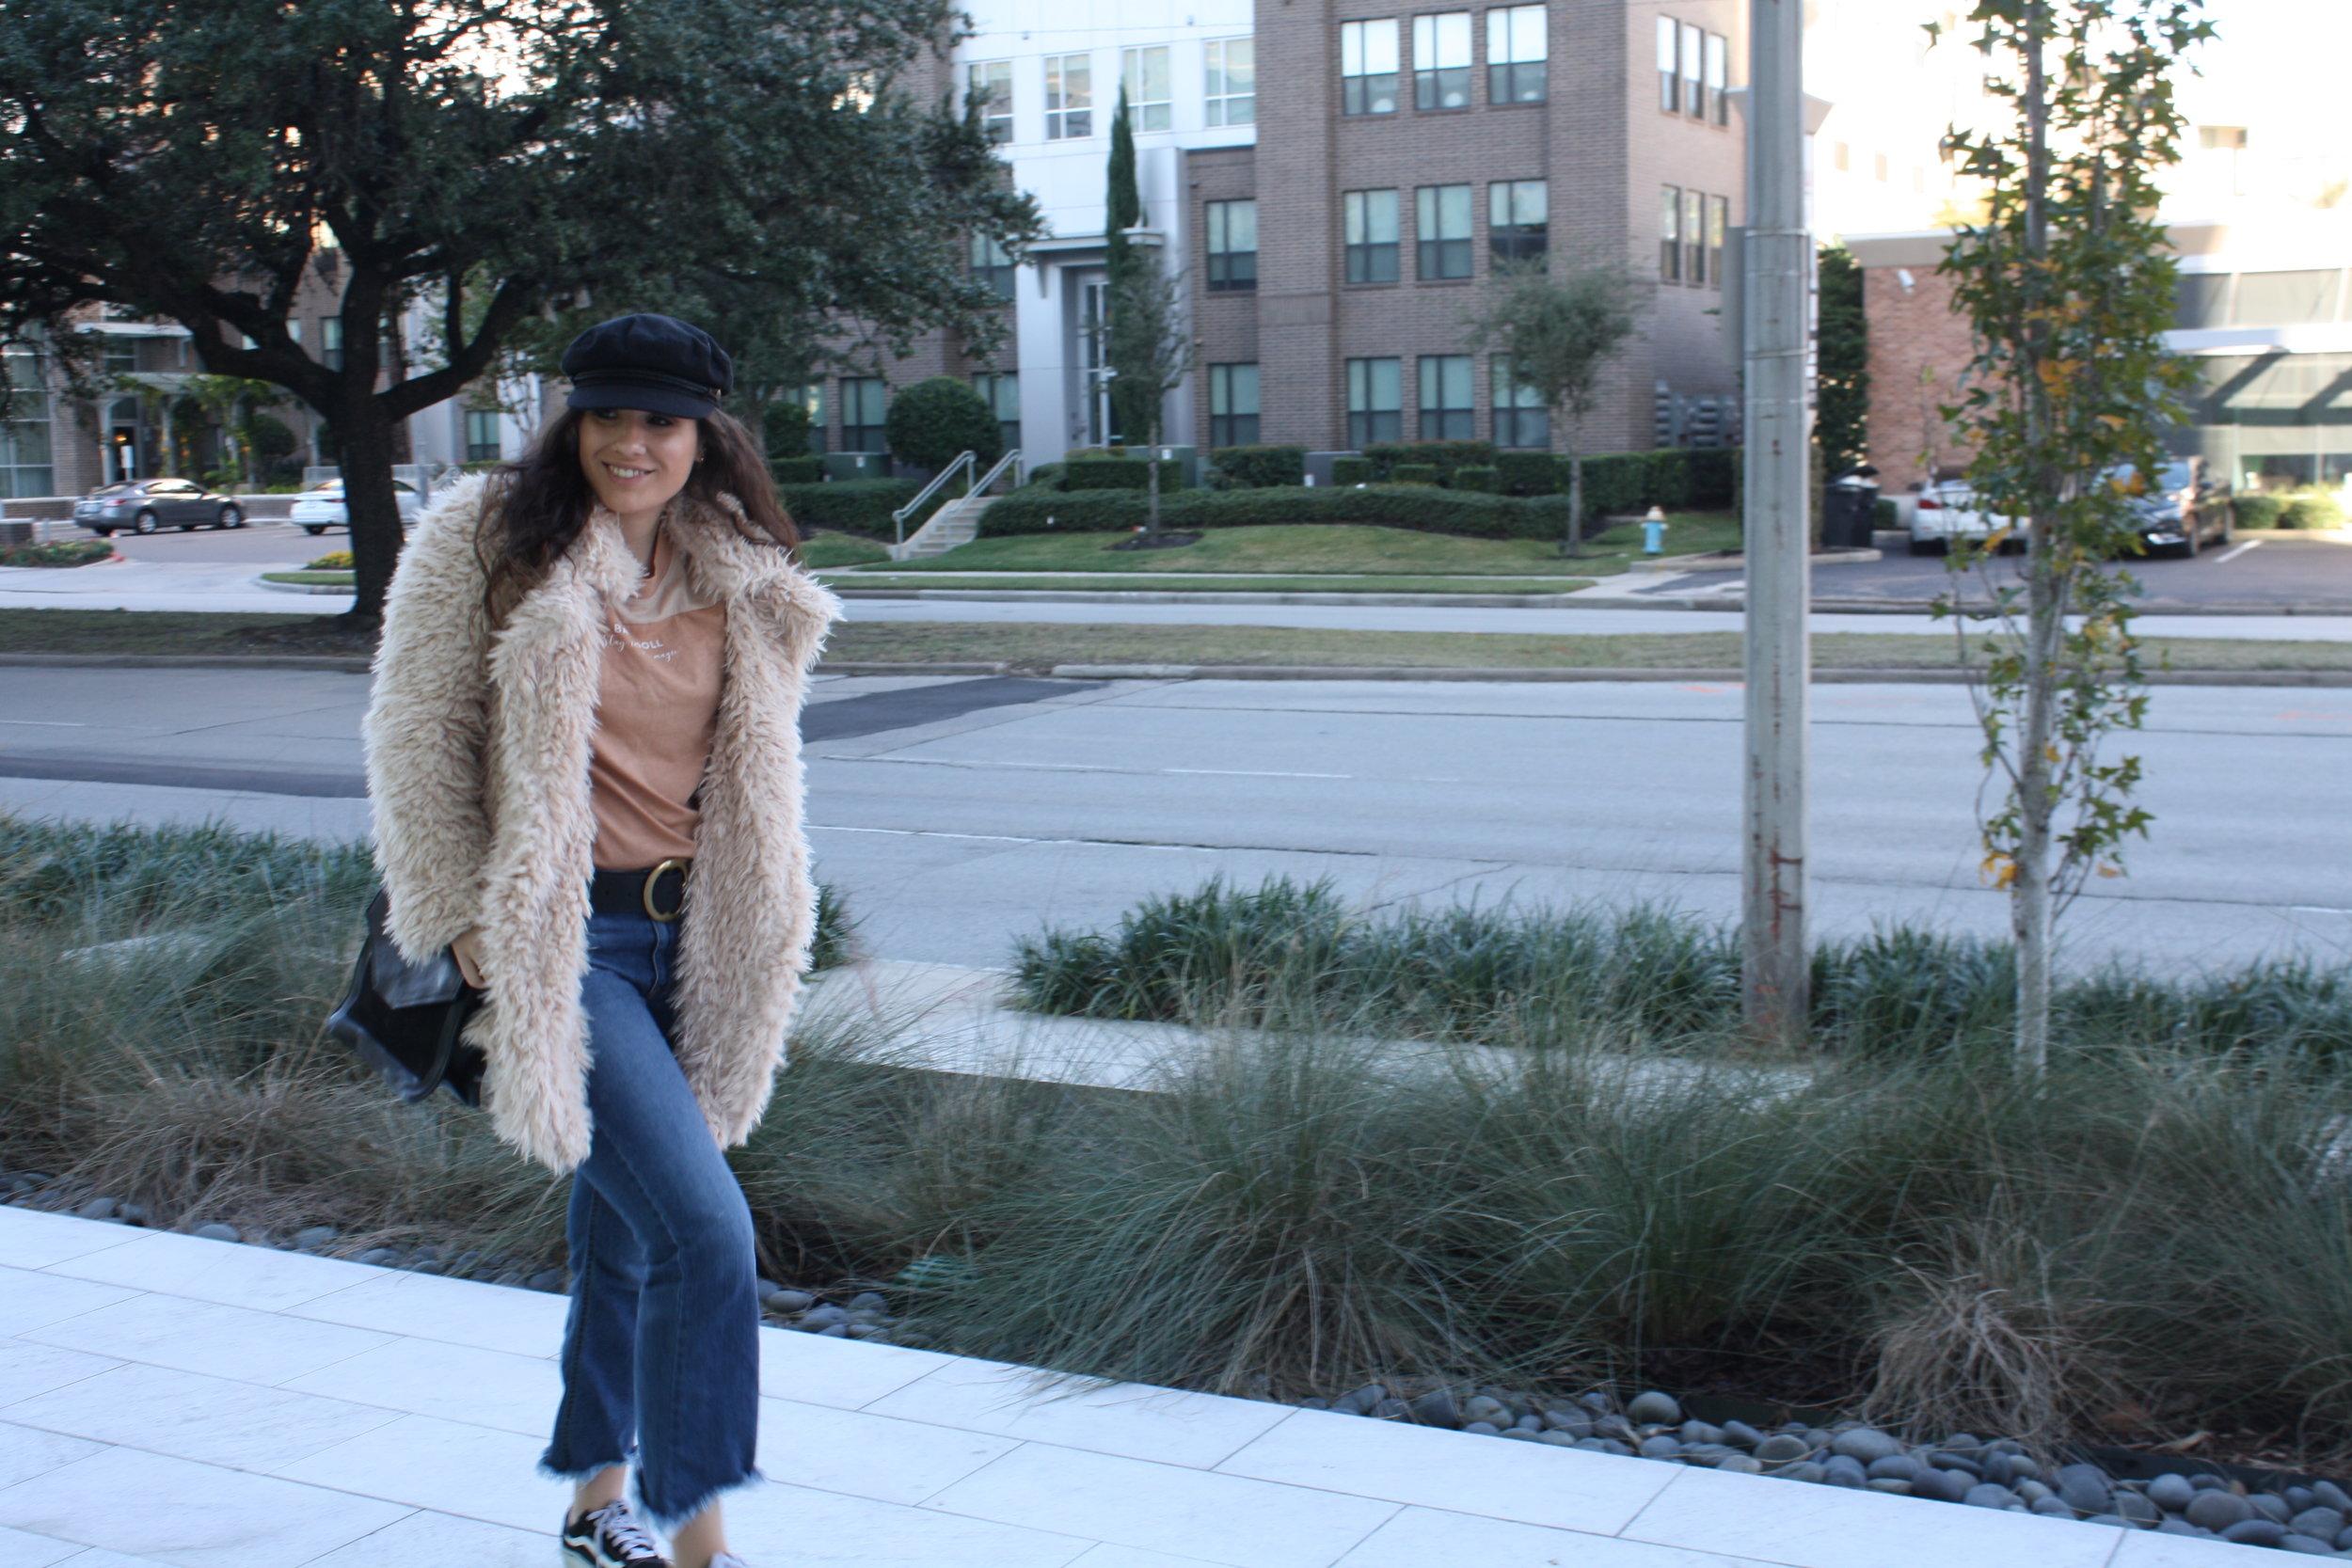 Hat: Brixton; Shirt: MATE the Label; Jacket: Sage the Label; Belt: B-Low The Belt; Jeans: Just Black Denim; Shoes: Vans; Purse: FashionABLE